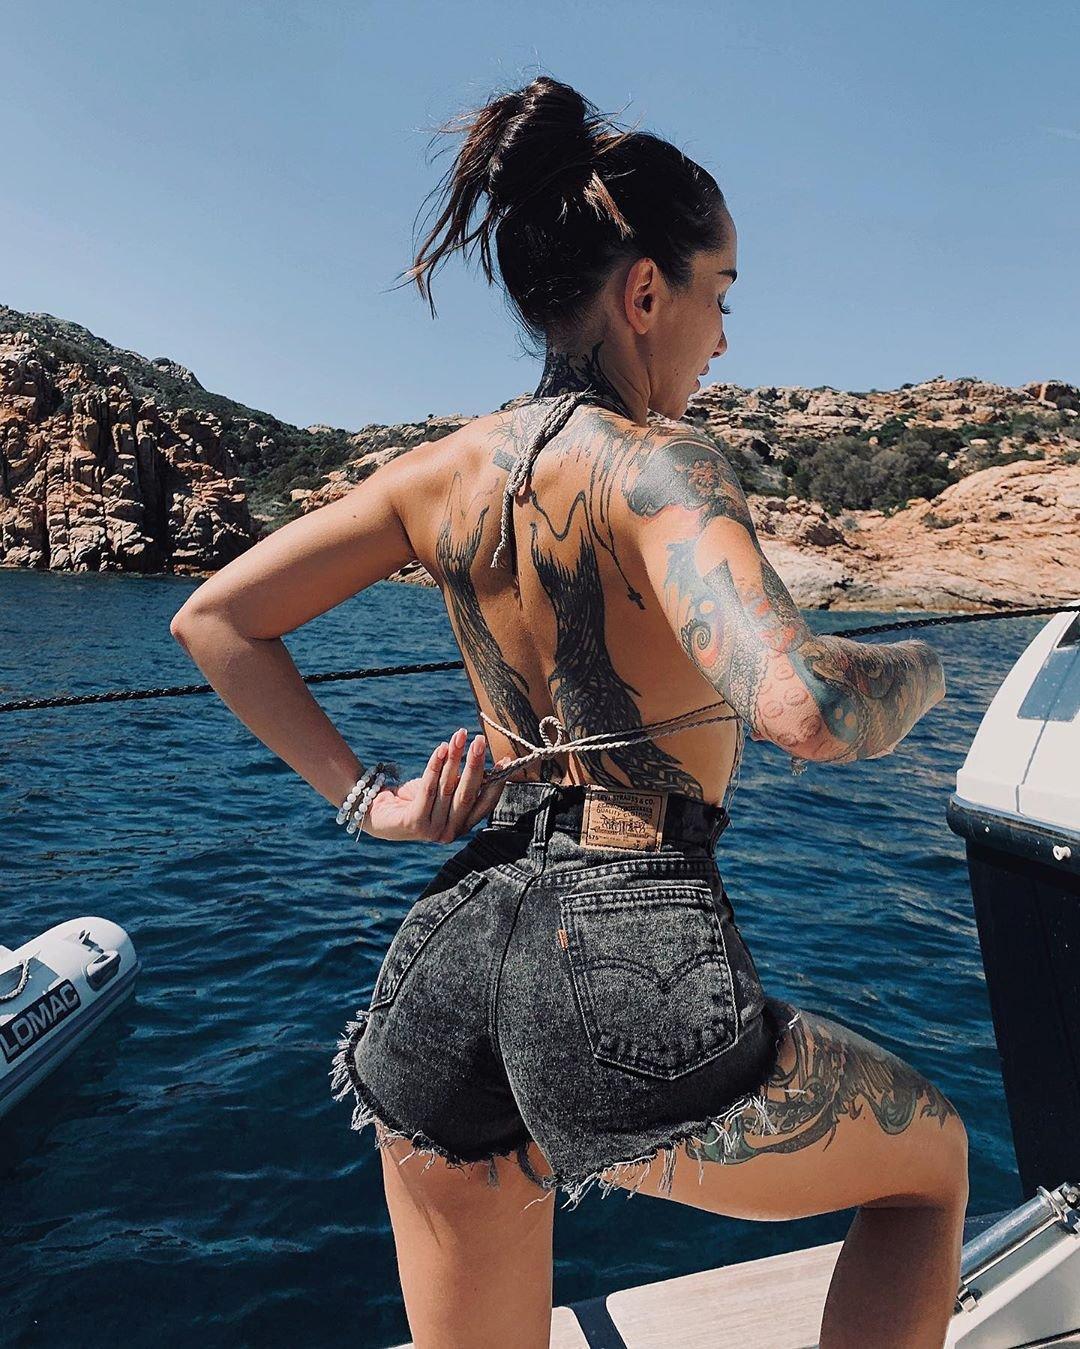 Анжелика Андерсон на море